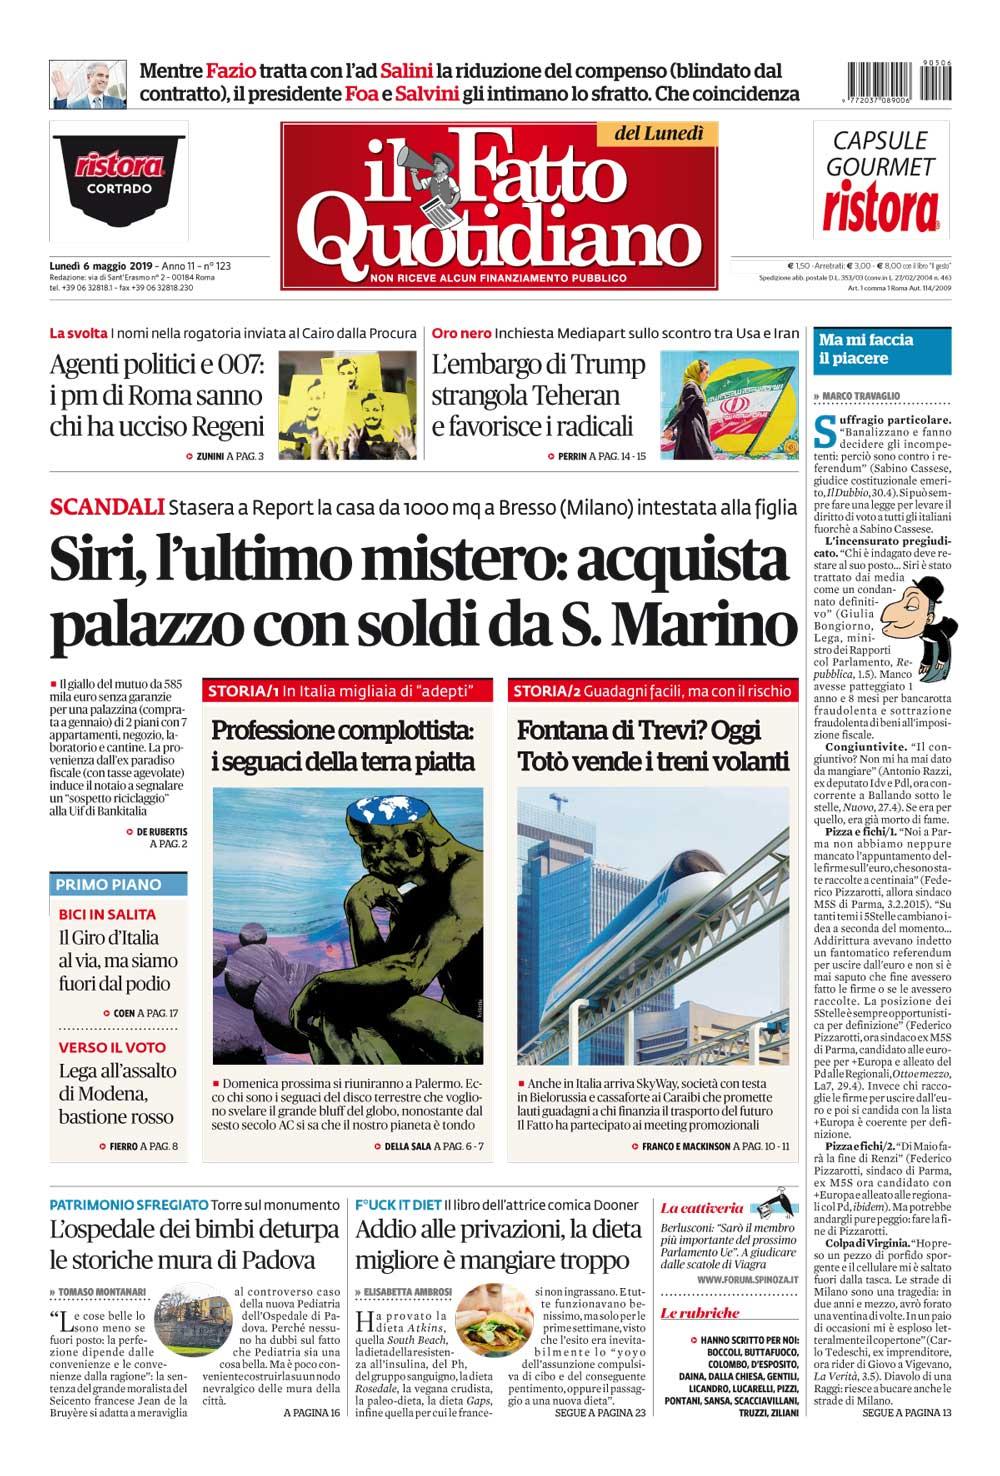 Prima Pagina Il Fatto Quotidiano - Siri, l'ultimo mistero: acquista palazzo con soldi da S. Marino